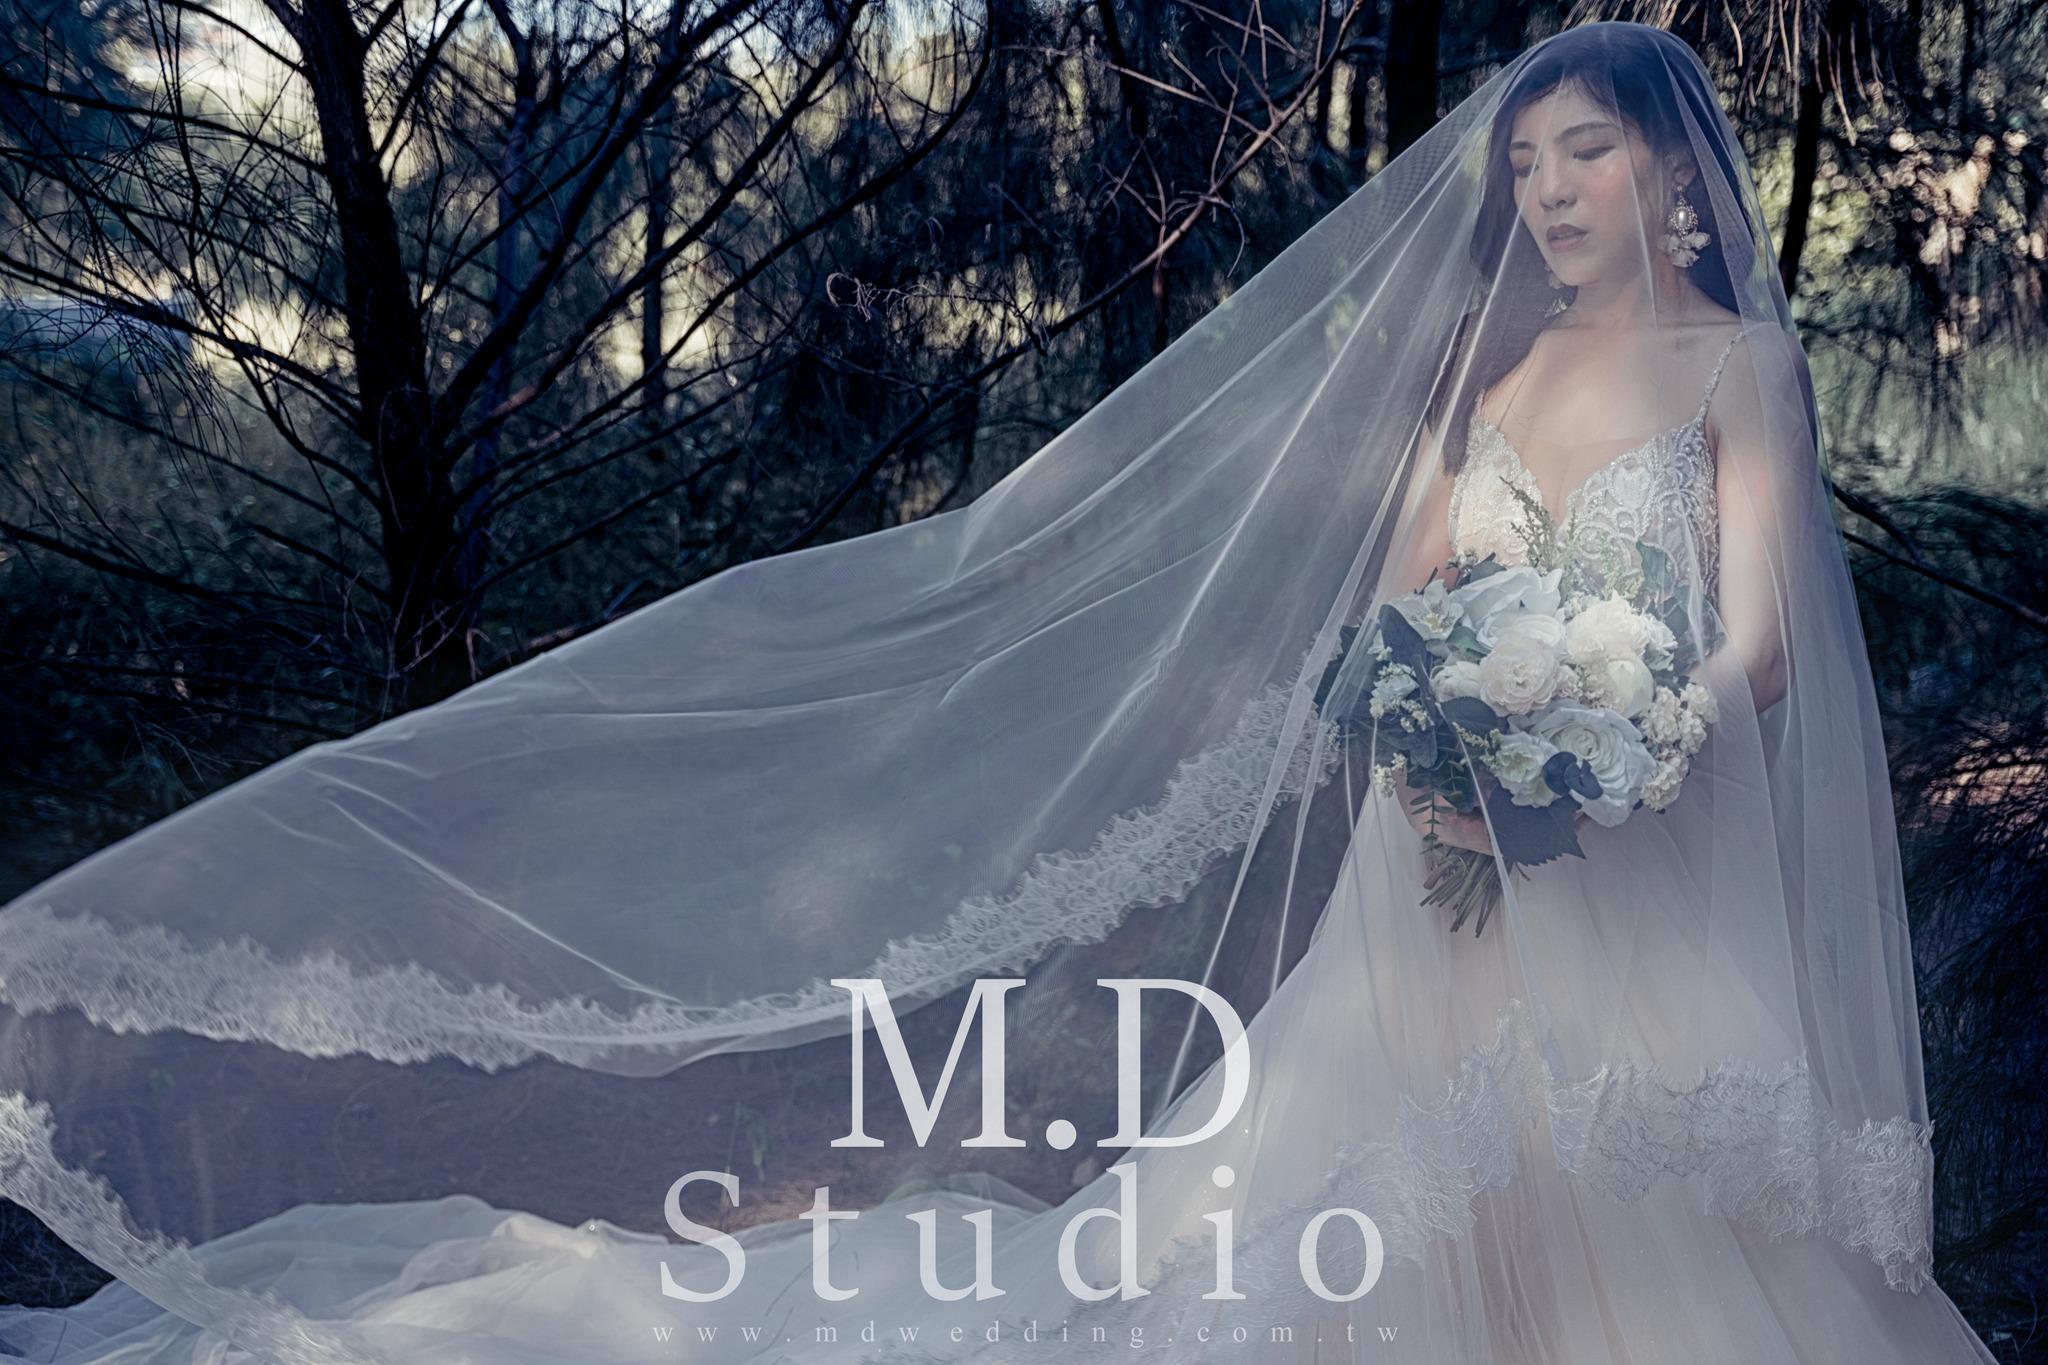 黑馬風格婚紗 時尚雜誌風 名模婚紗 歐洲風格婚紗 美式風格 逆光婚紗 台北婚紗推薦 海邊黃昏夕陽